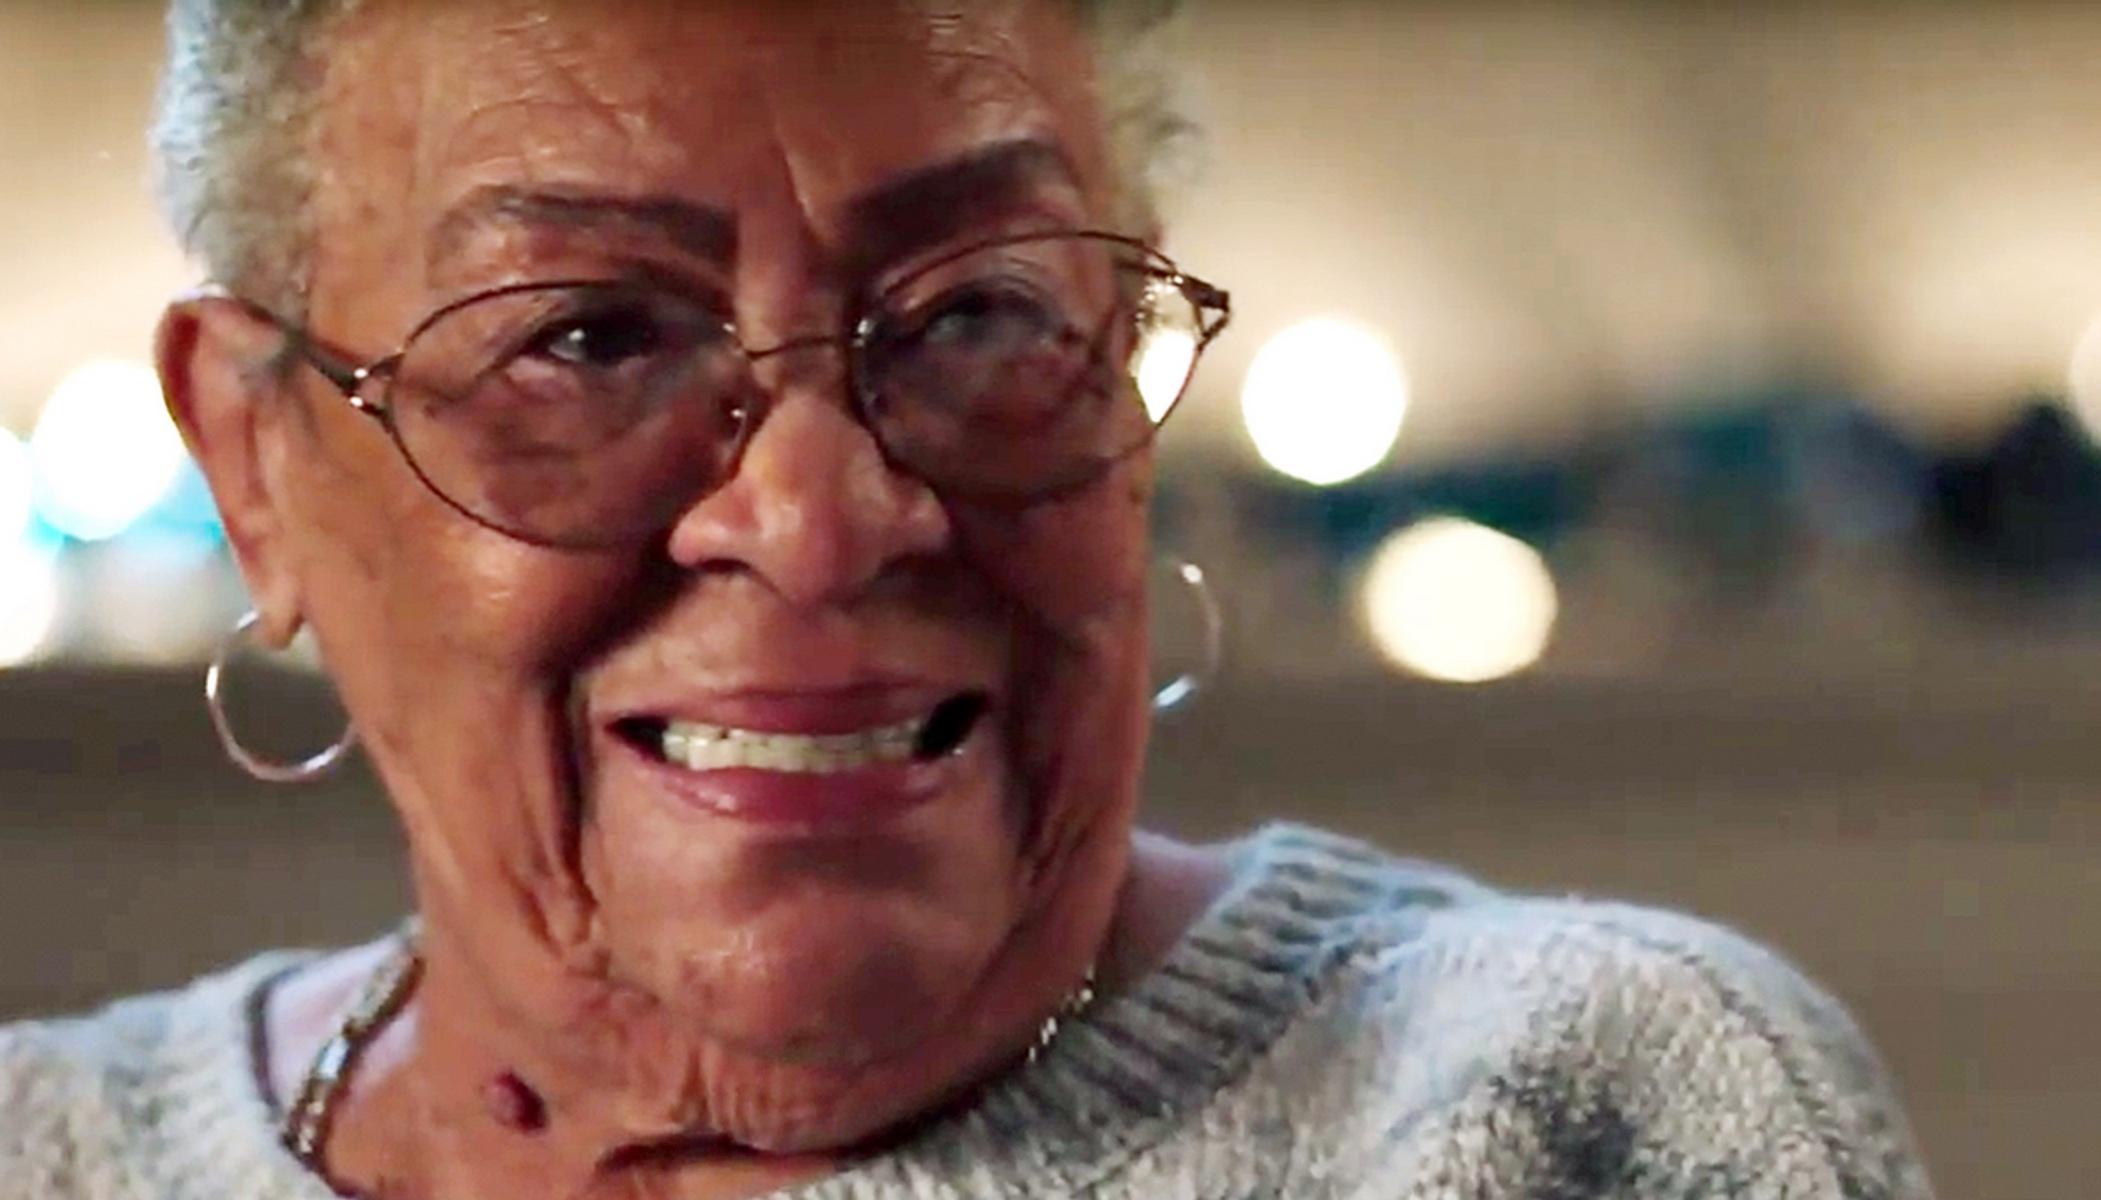 Στα 86 της έκανε το όνειρό της πραγματικότητα [video]